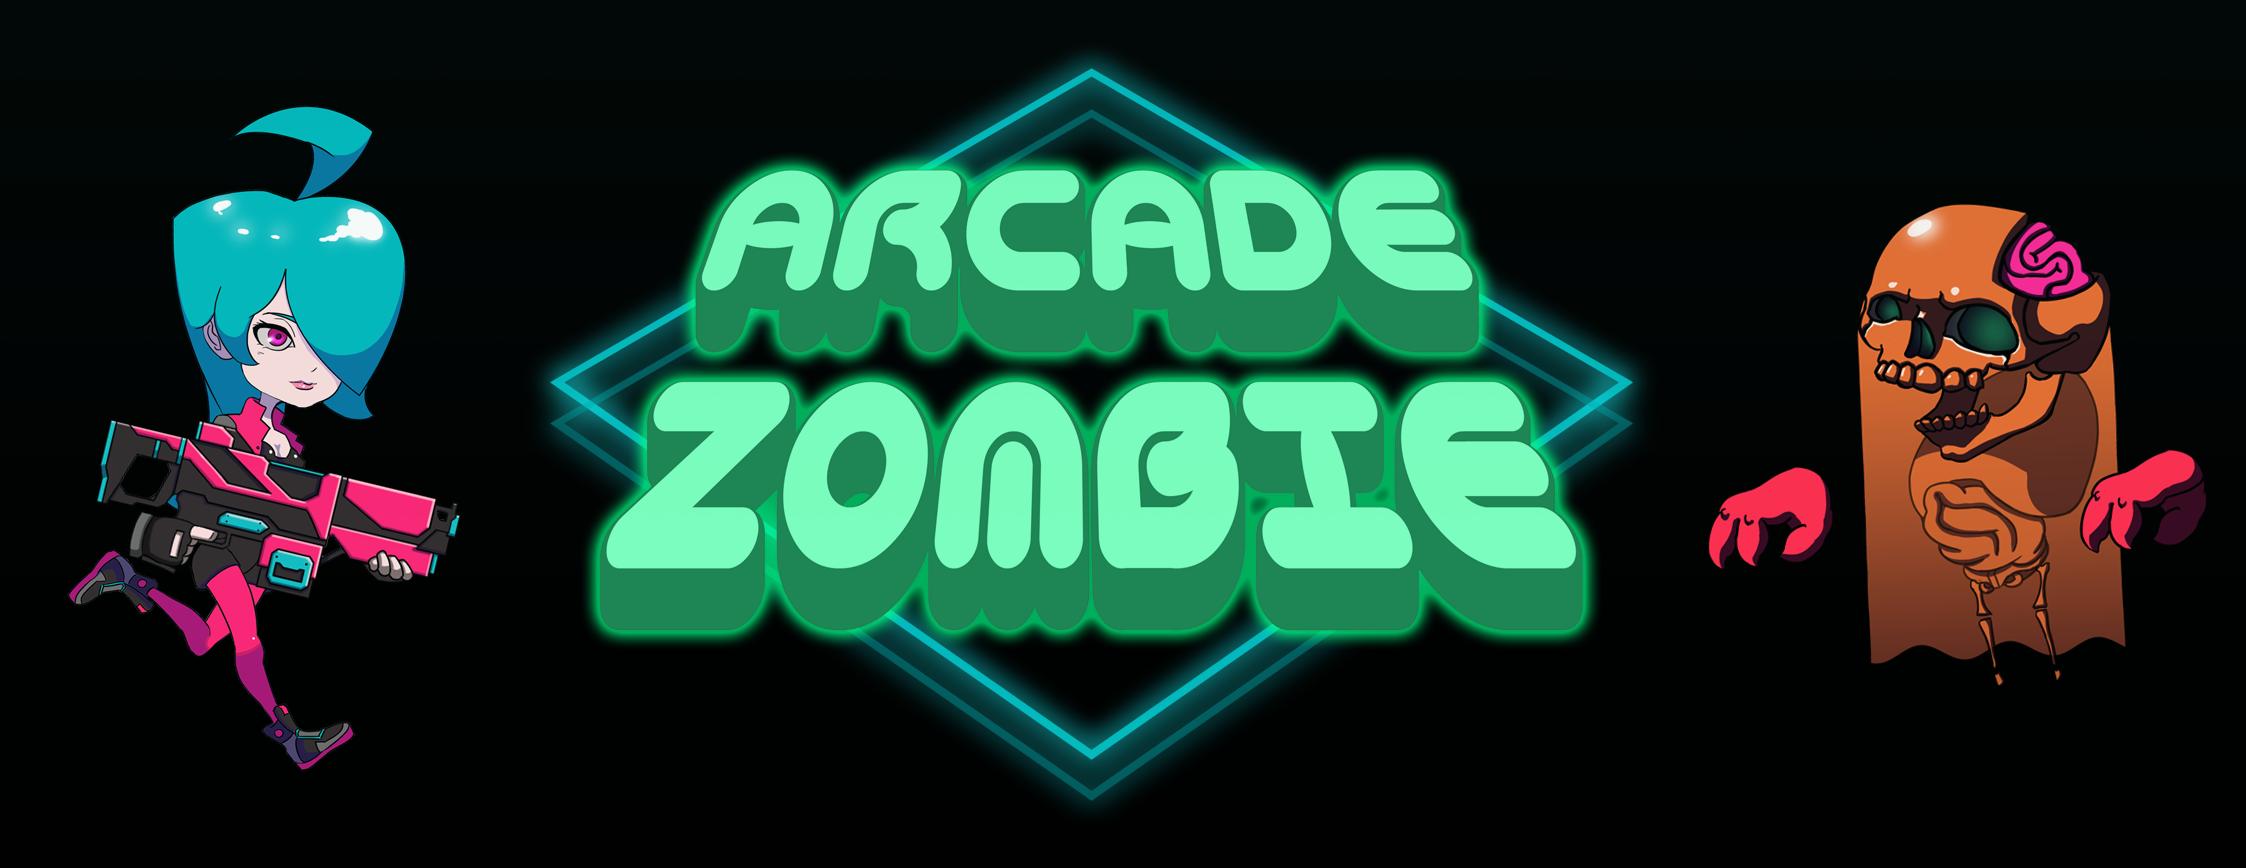 Arcade Zombie